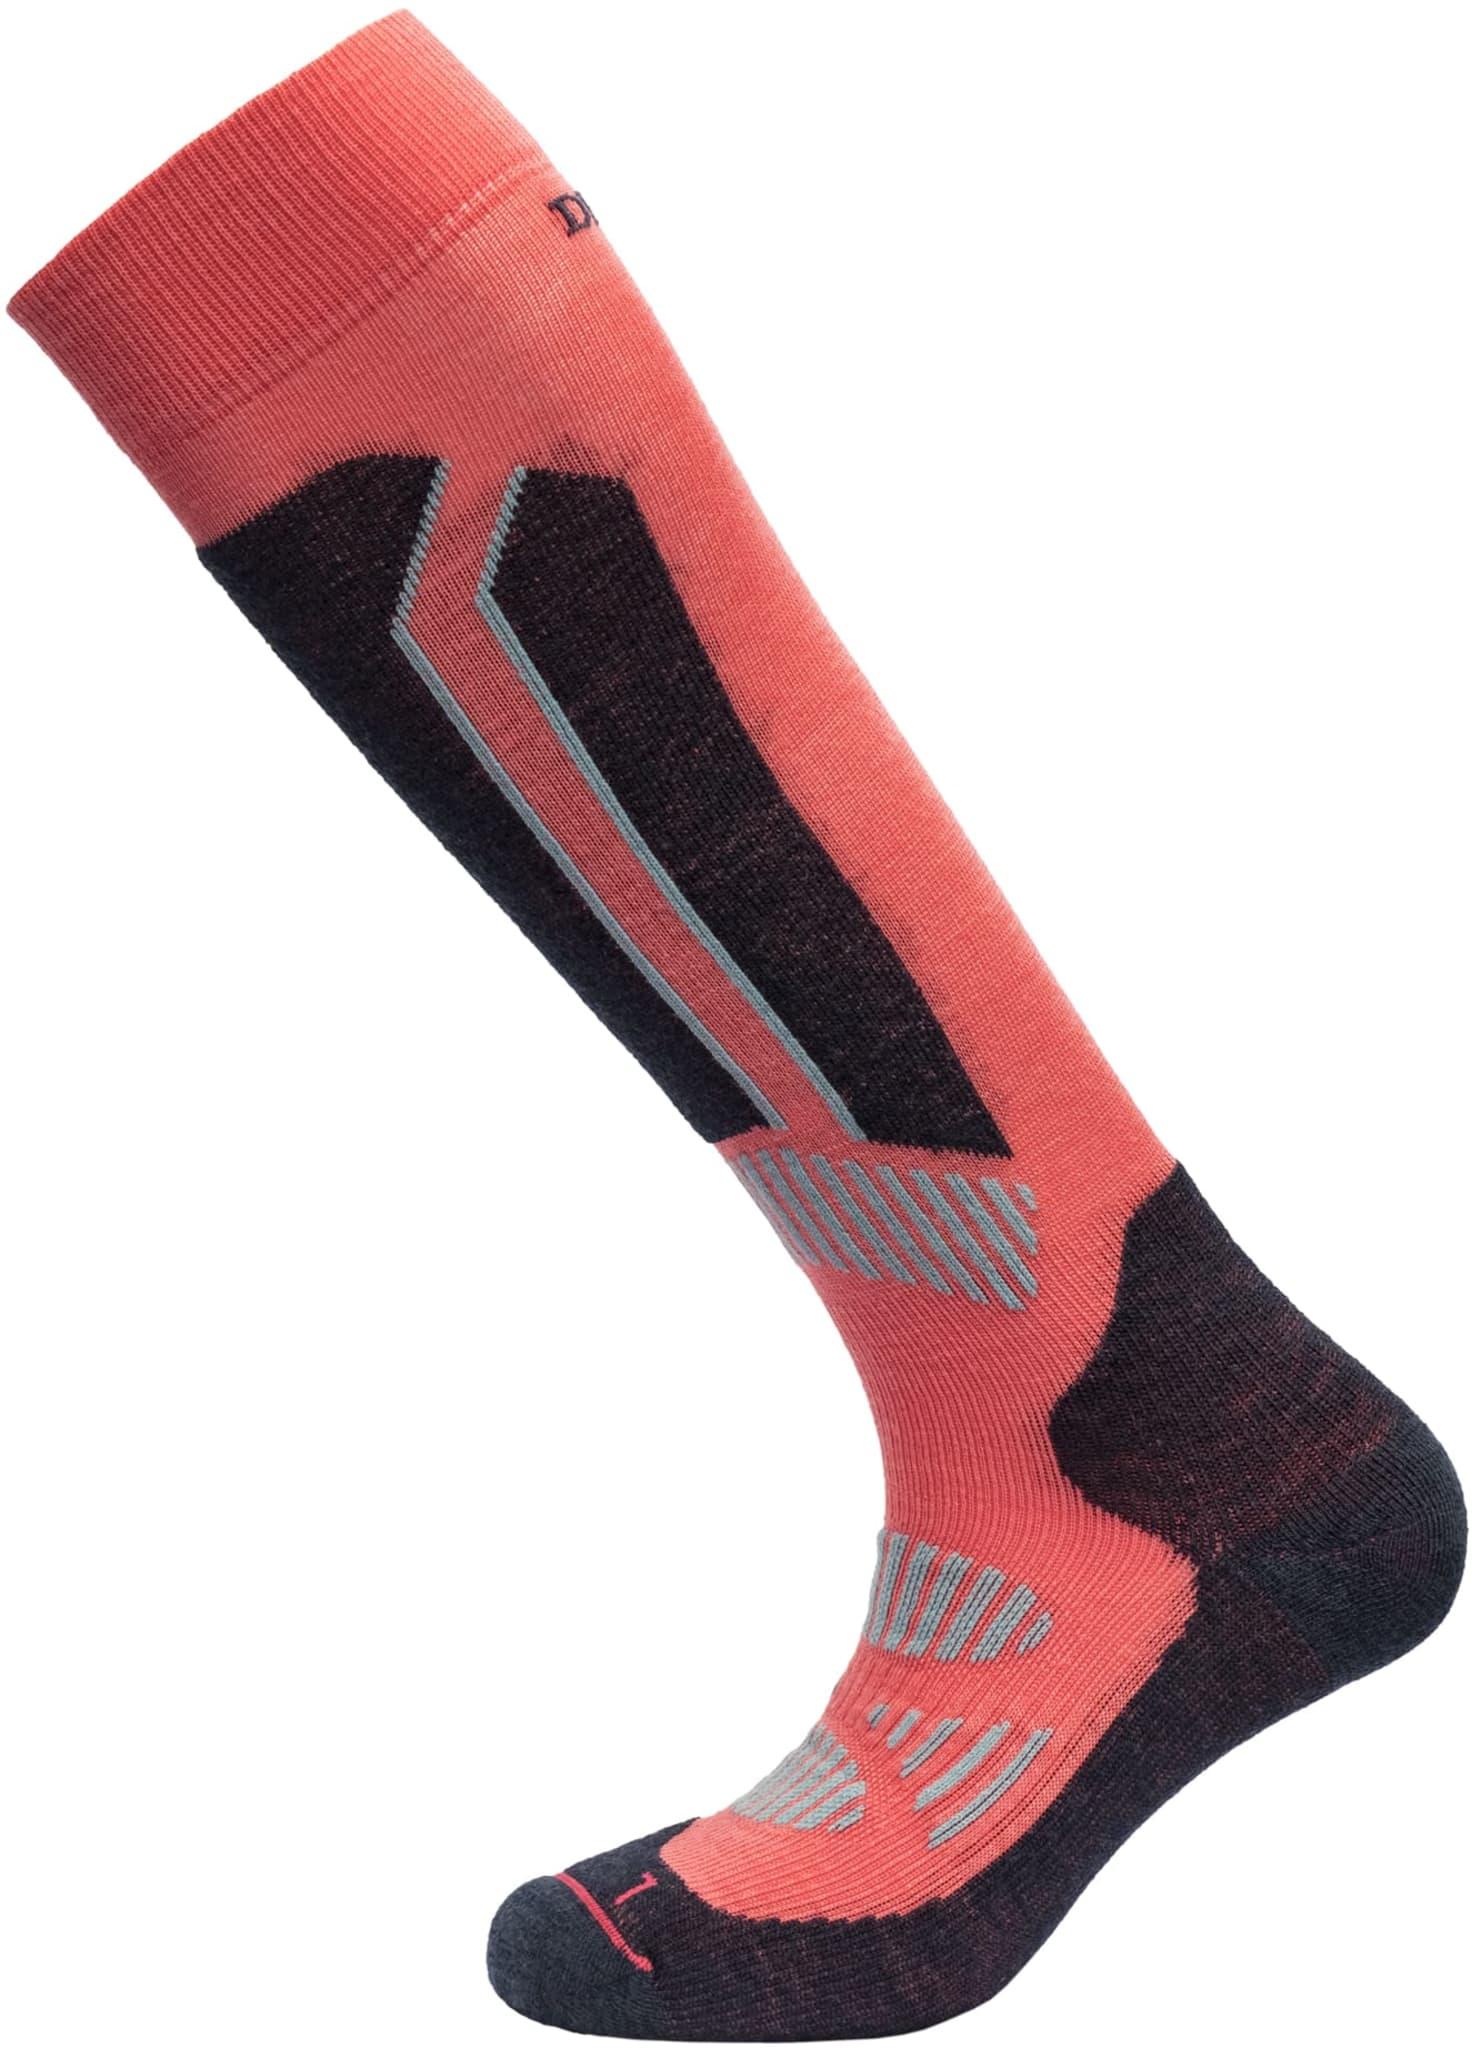 Høy ull sokk til alpine turer